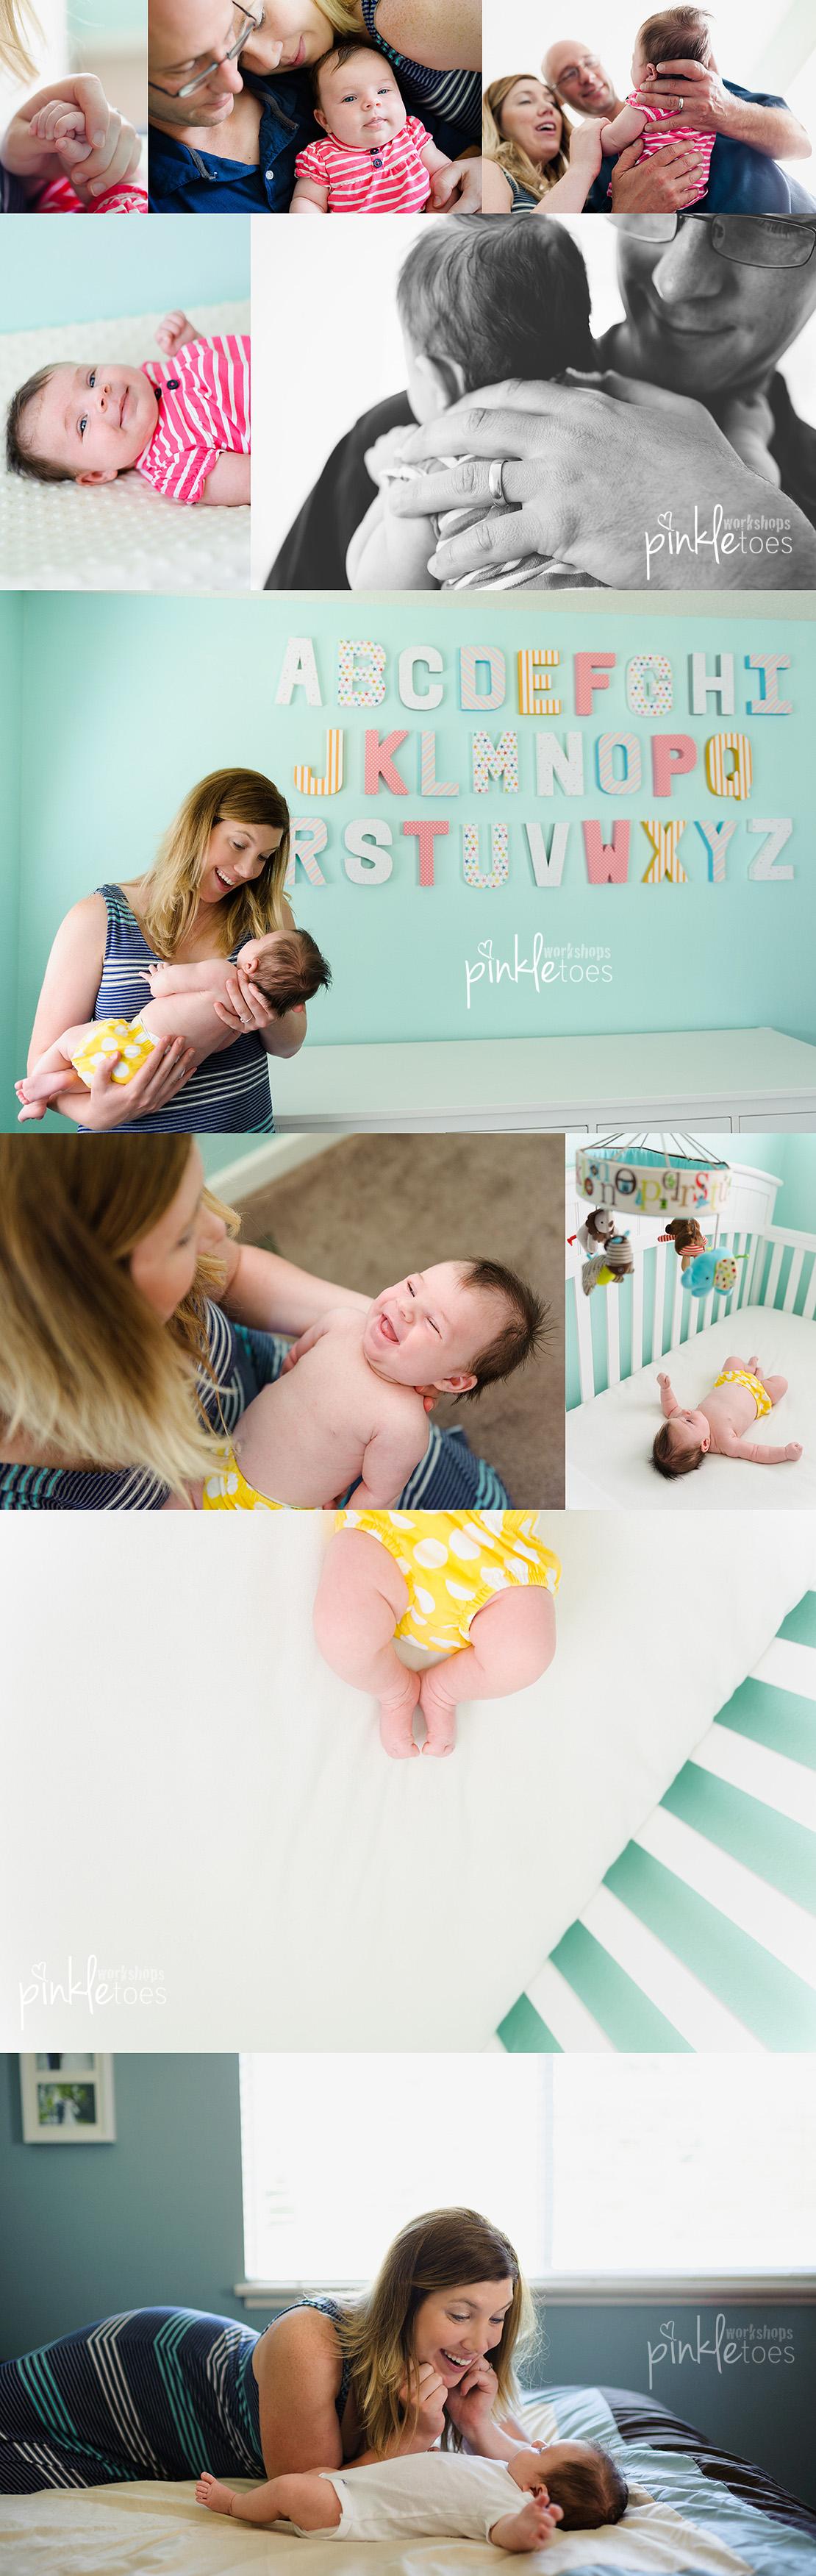 newborn-pinkle-toes-lifestyle-photography-workshop-washington-sydney-australia